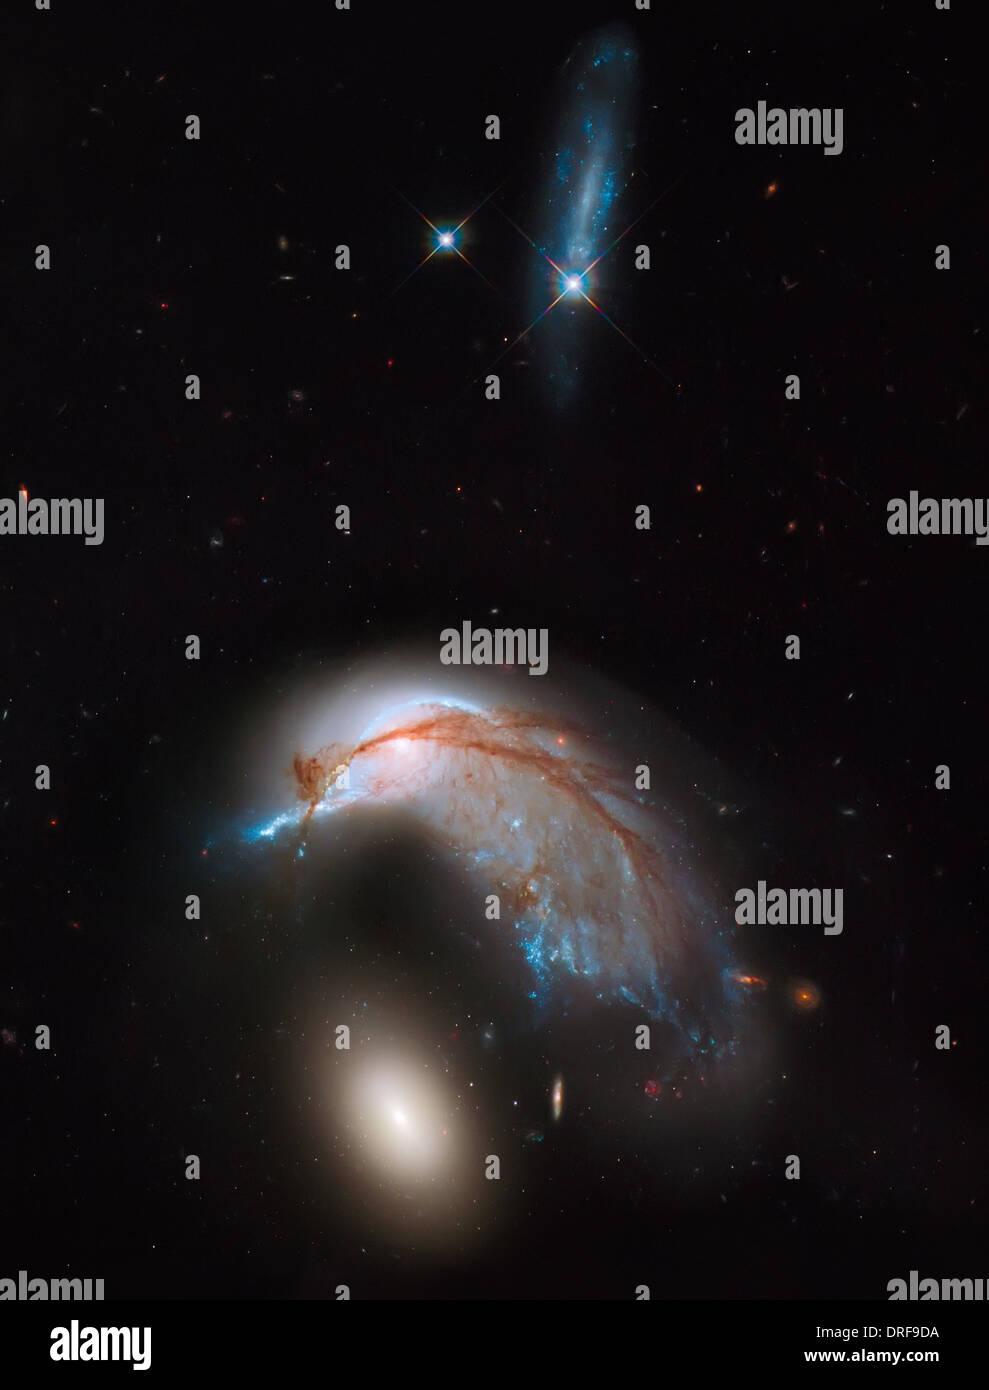 Arp 142 fusión galáctica, como se muestra en la foto del Telescopio Espacial Hubble. Imagen De Stock